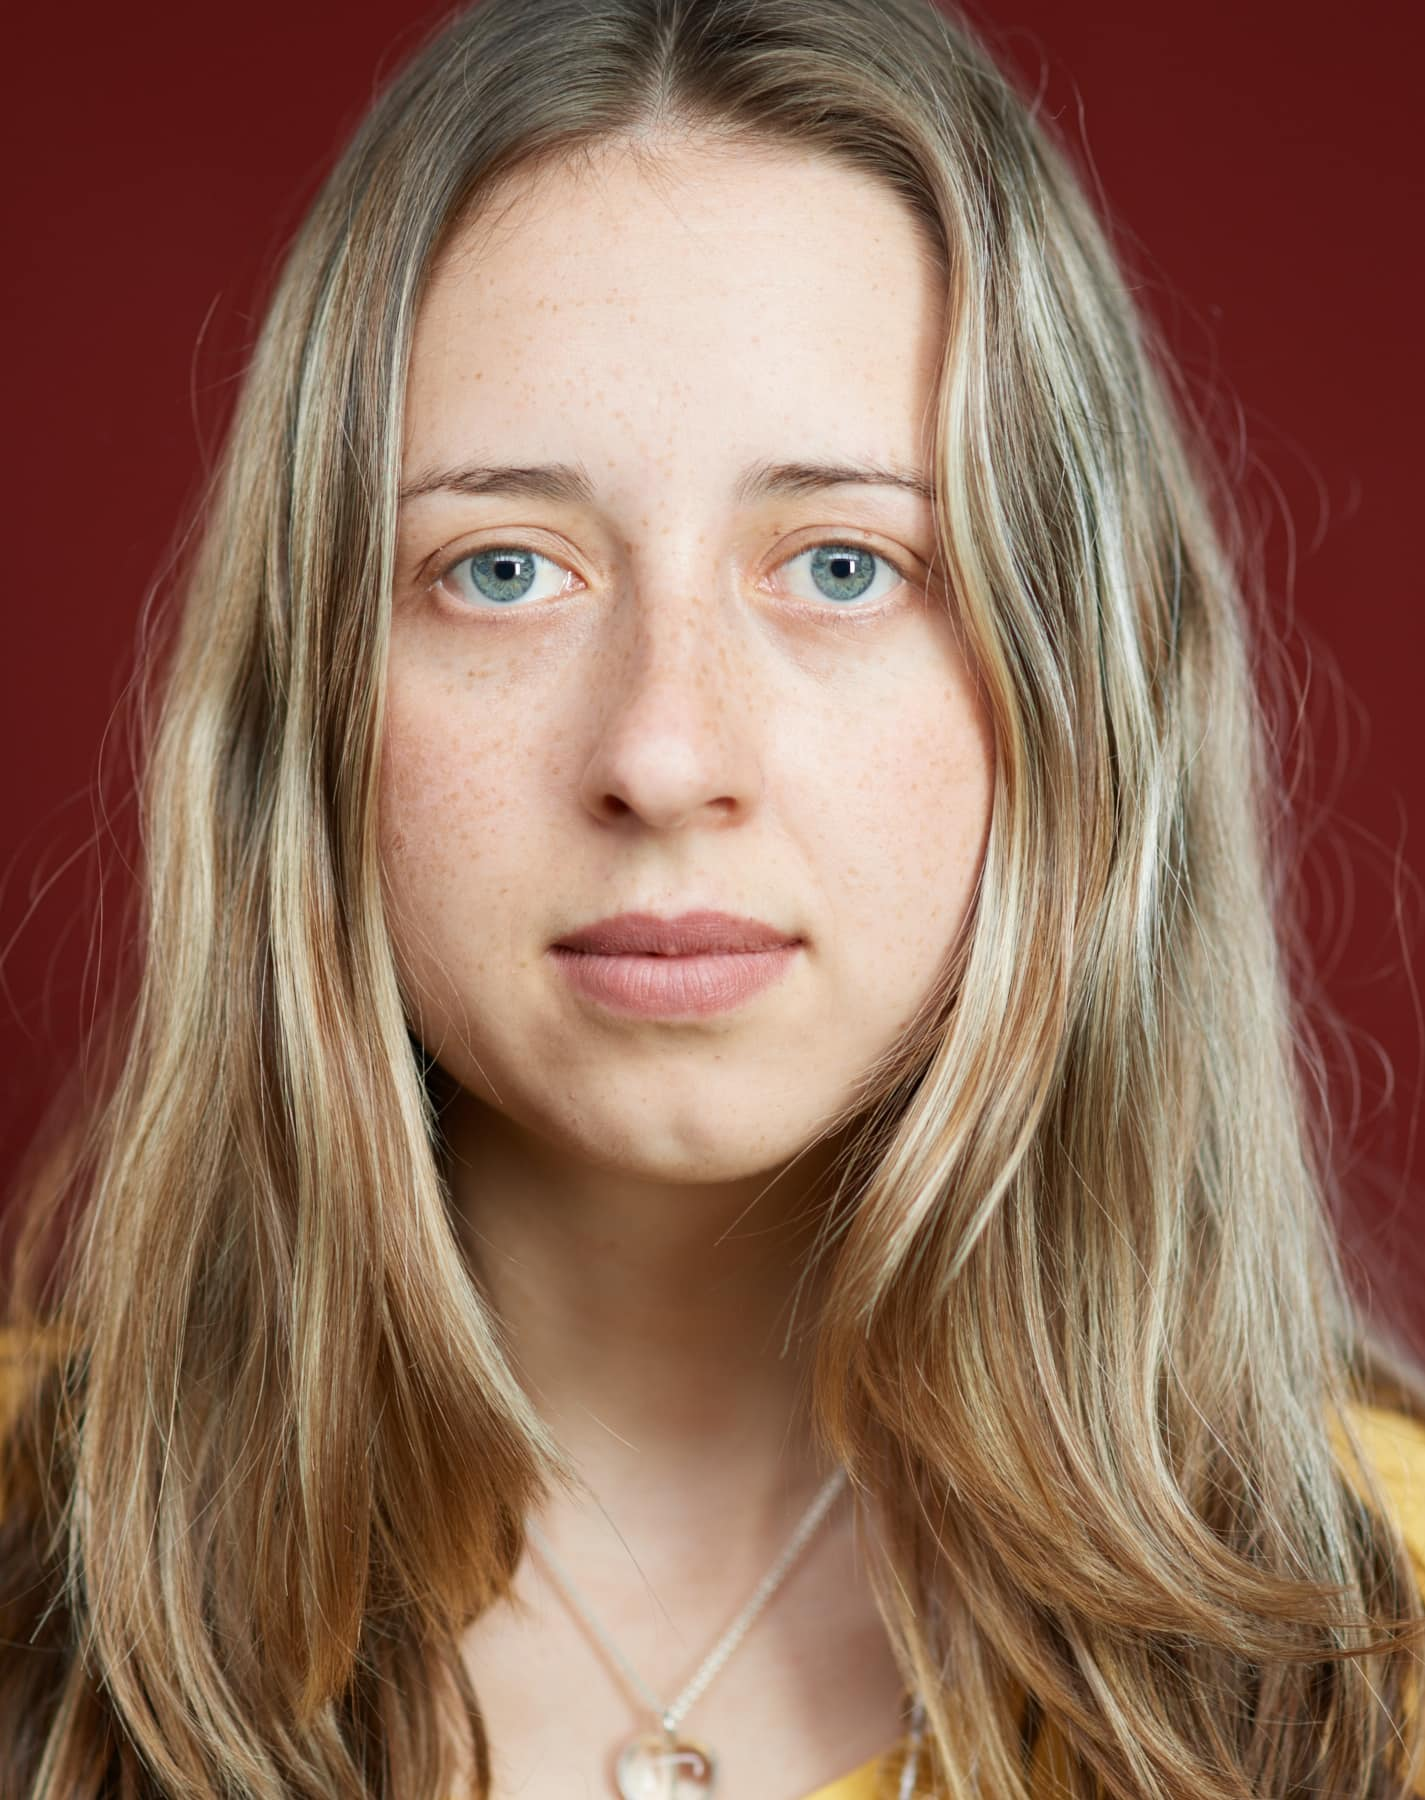 Junges entschlossenes Portrait einer jungen Frau